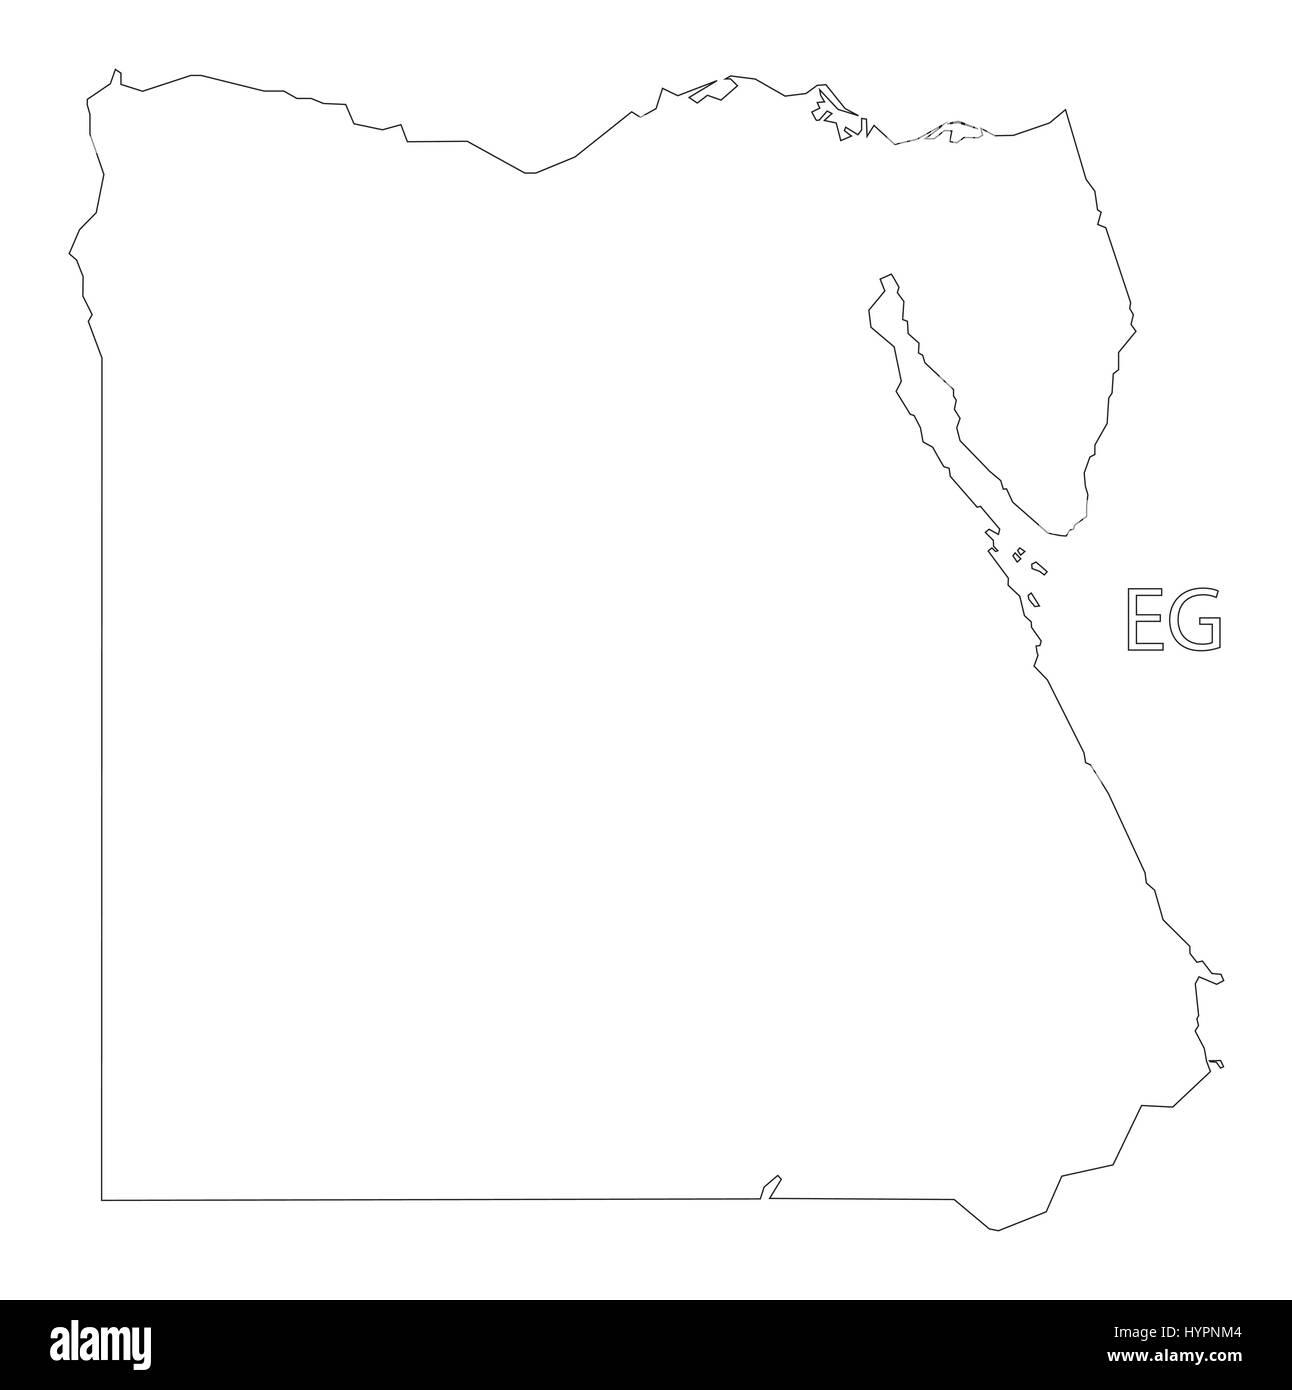 Egypt outline silhouette map illustration - Stock Vector